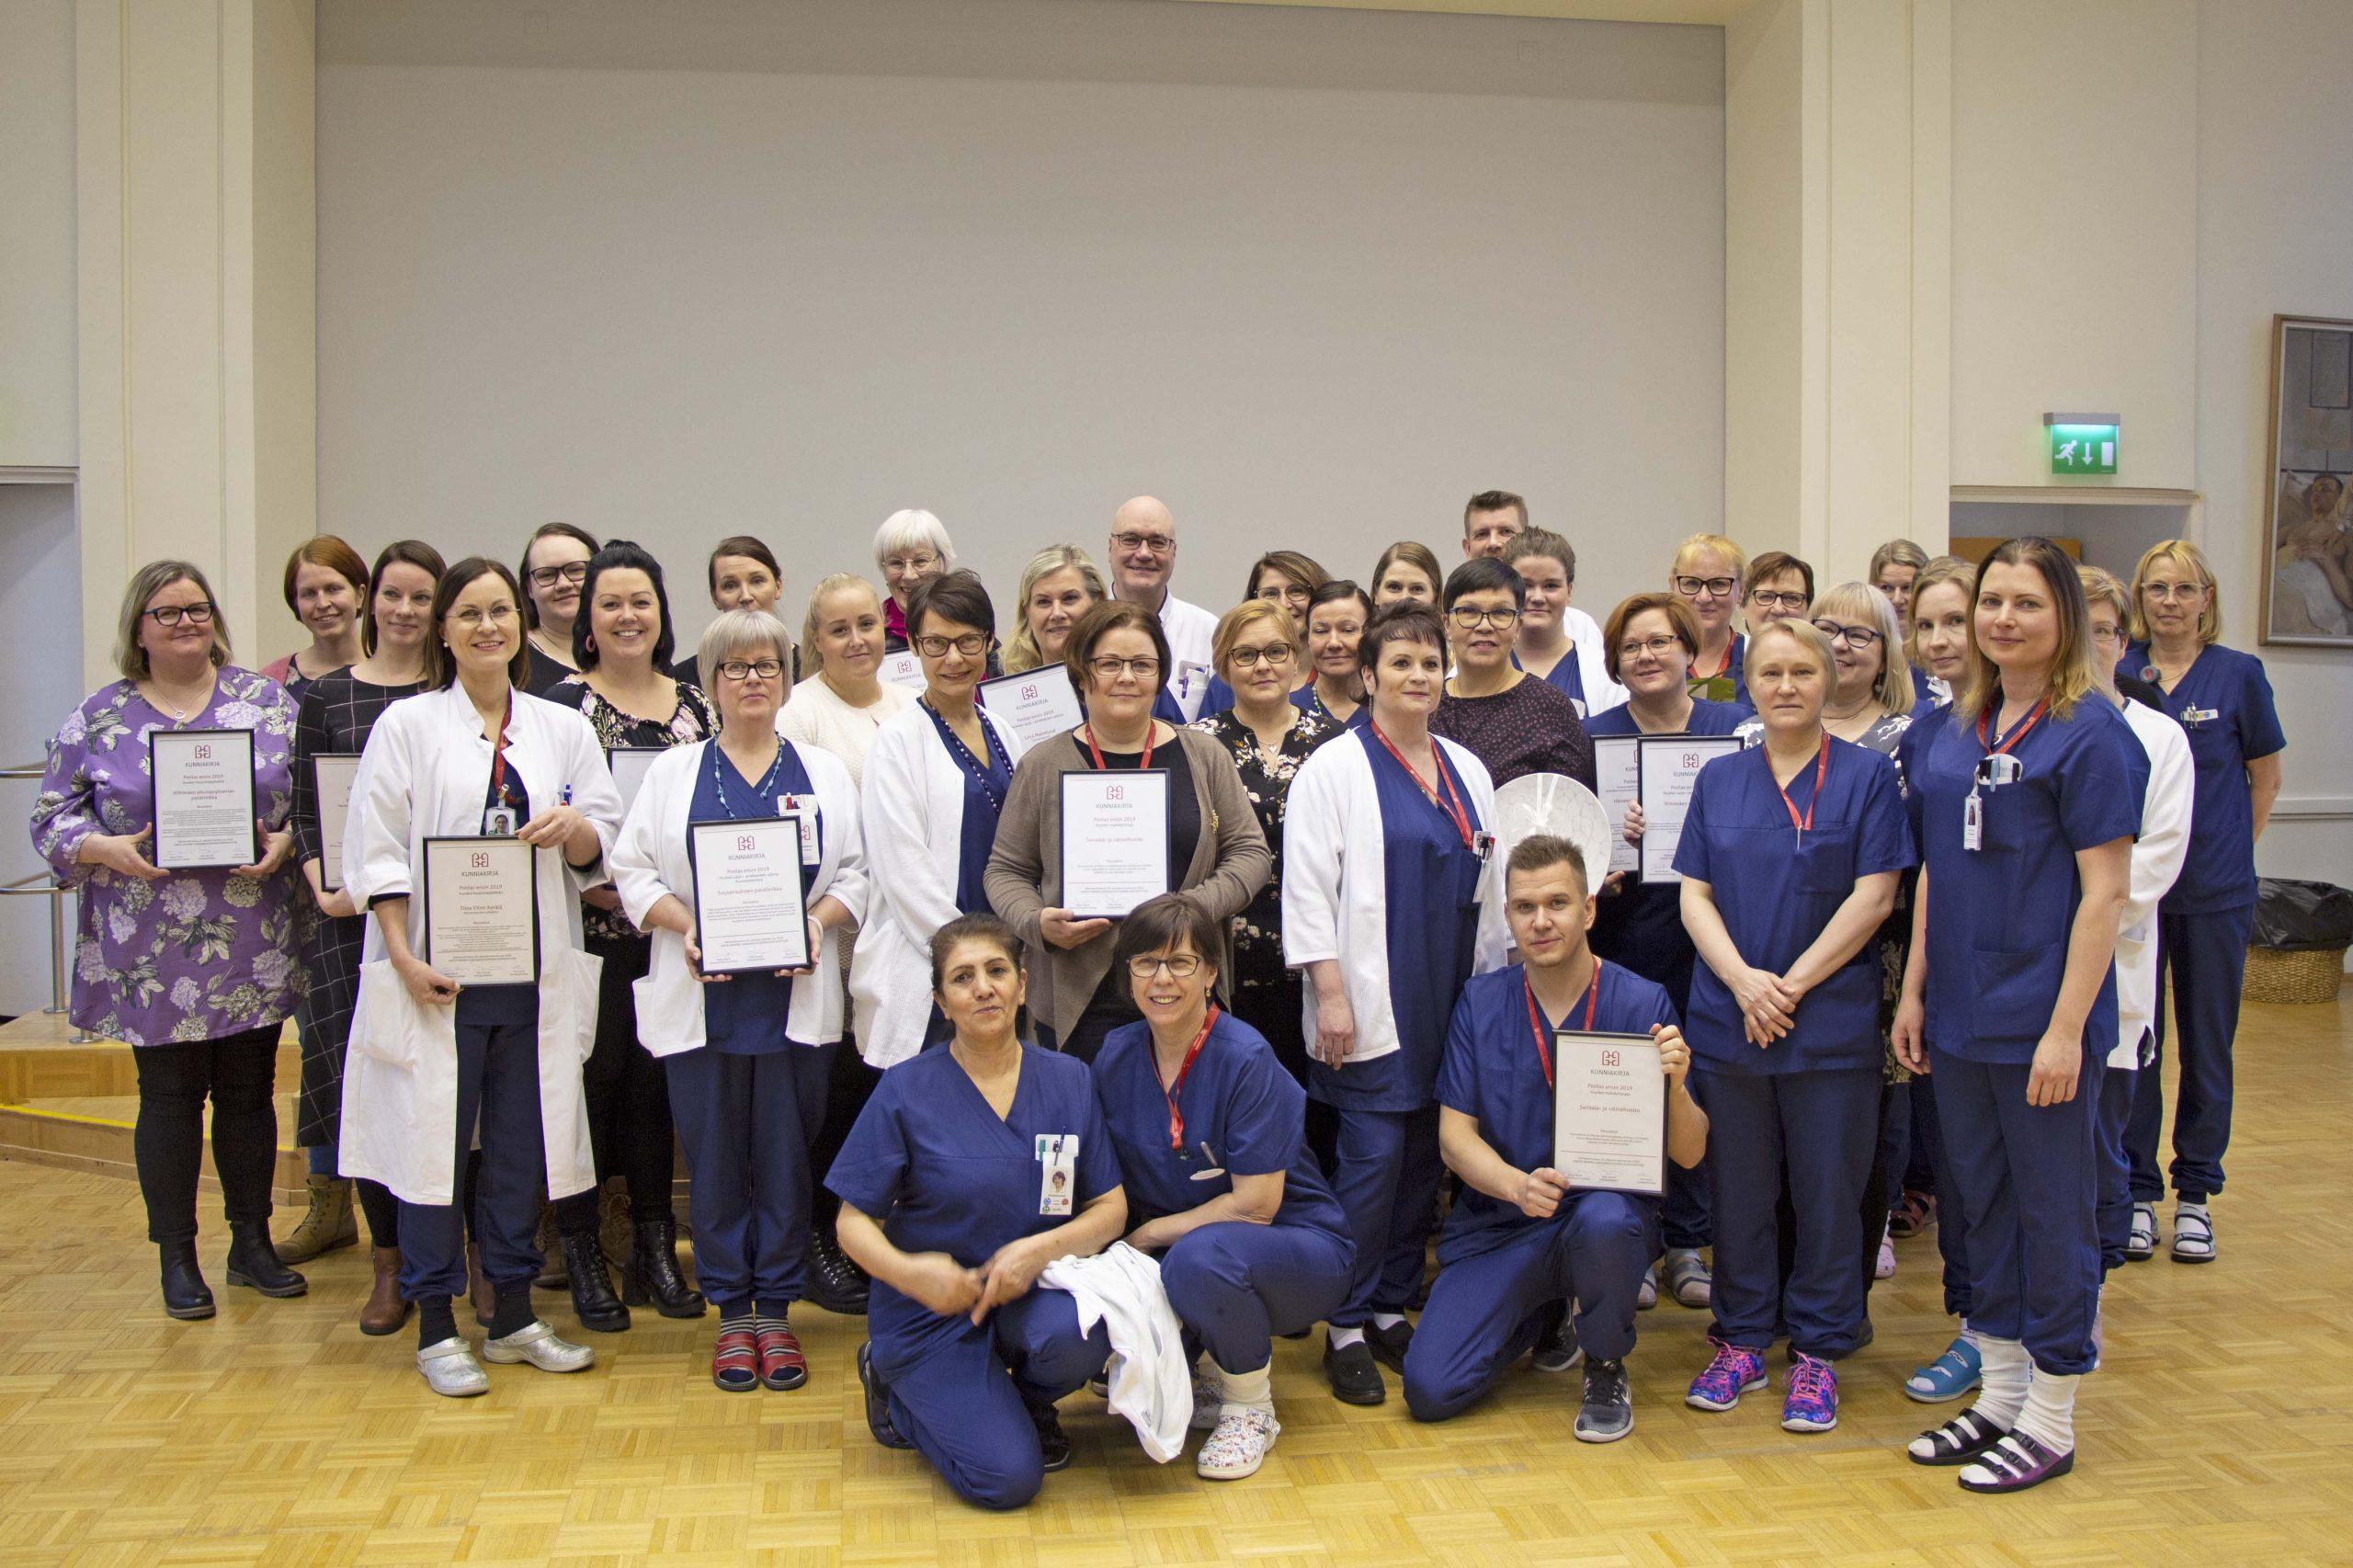 Potilas ensin -gaalassa palkitut keskussairaalan työntekijät ryhmäkuvassa.